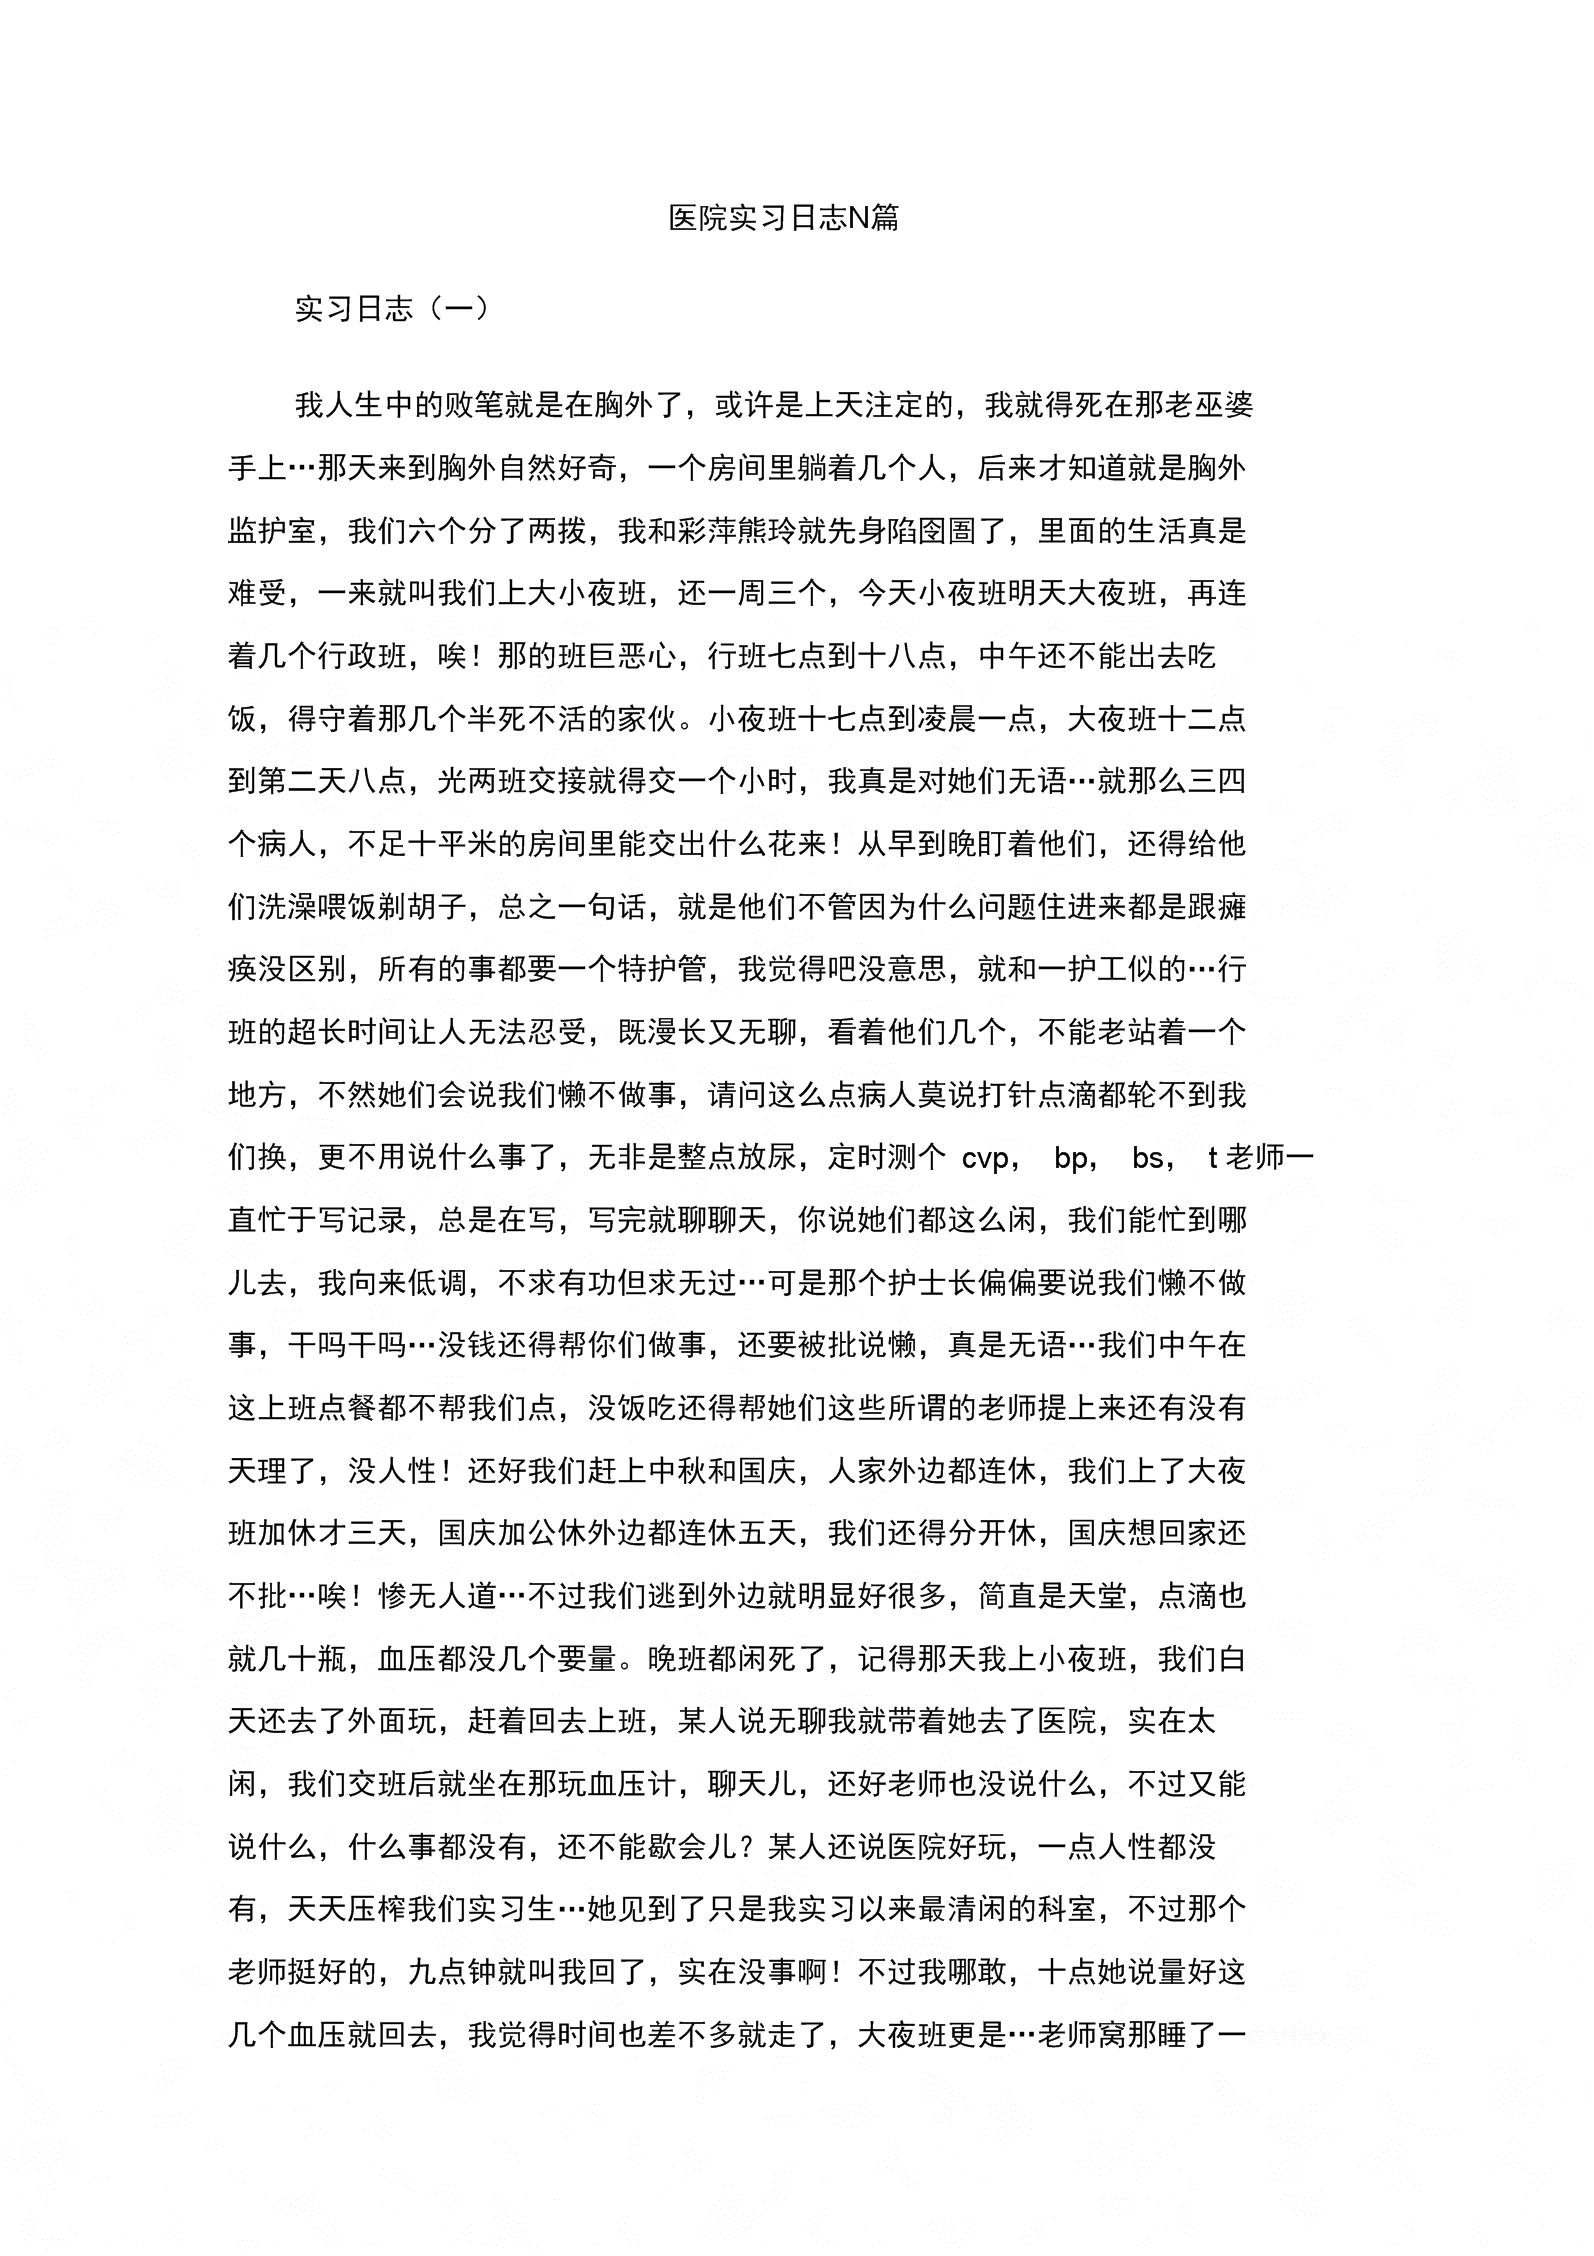 医院实习日志N篇.docx